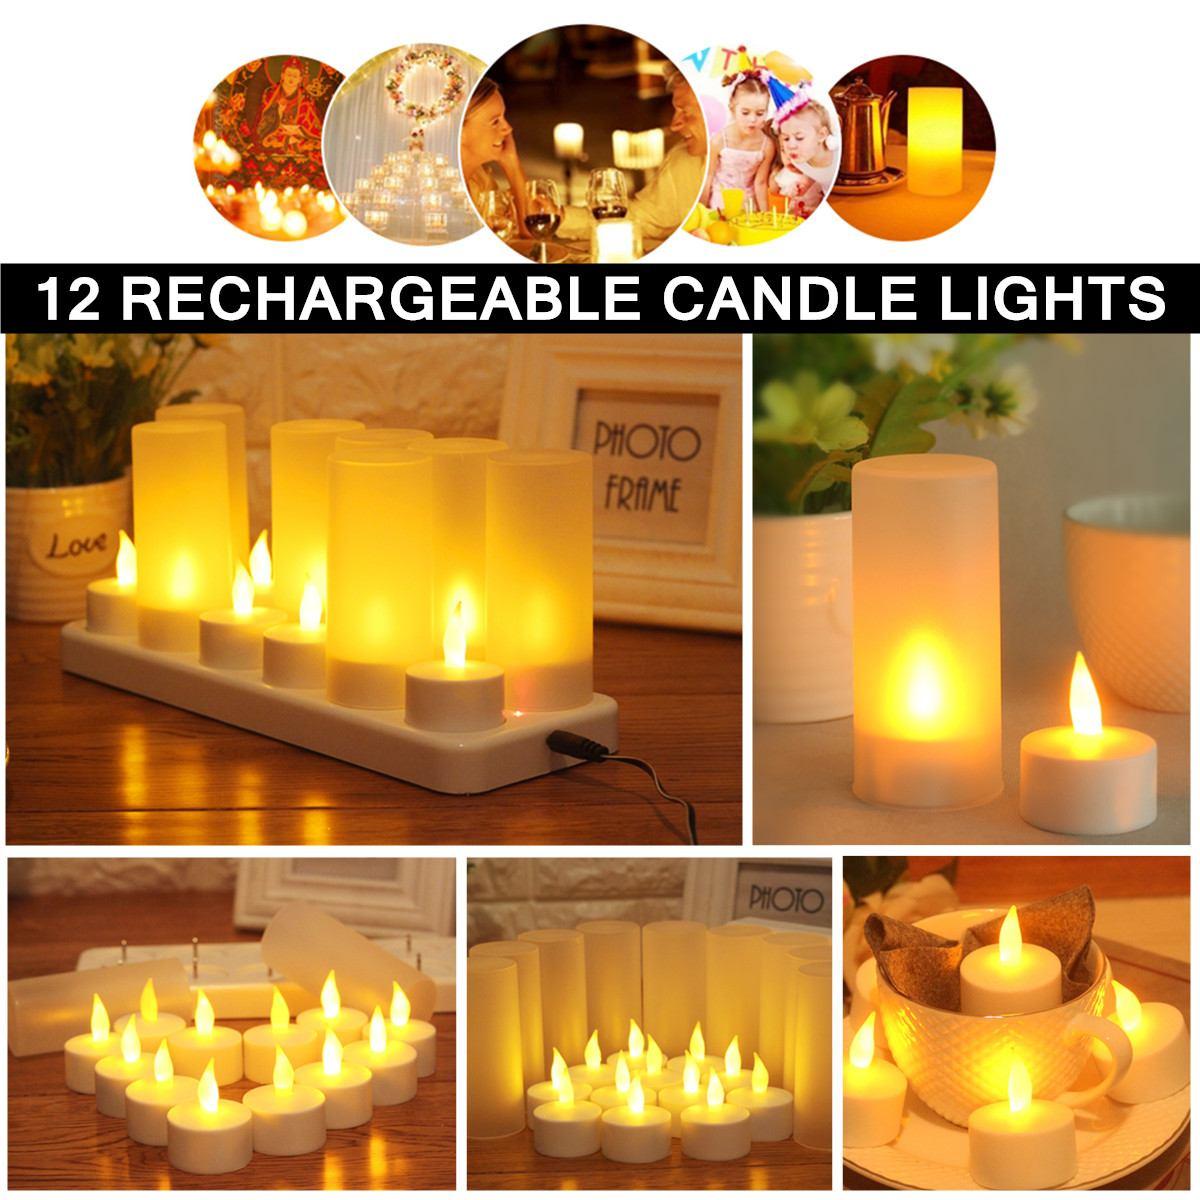 12 led vela lâmpada criativa recarregável cintilação vela luz da noite simulação chama chá luz para casa decoração de casamento